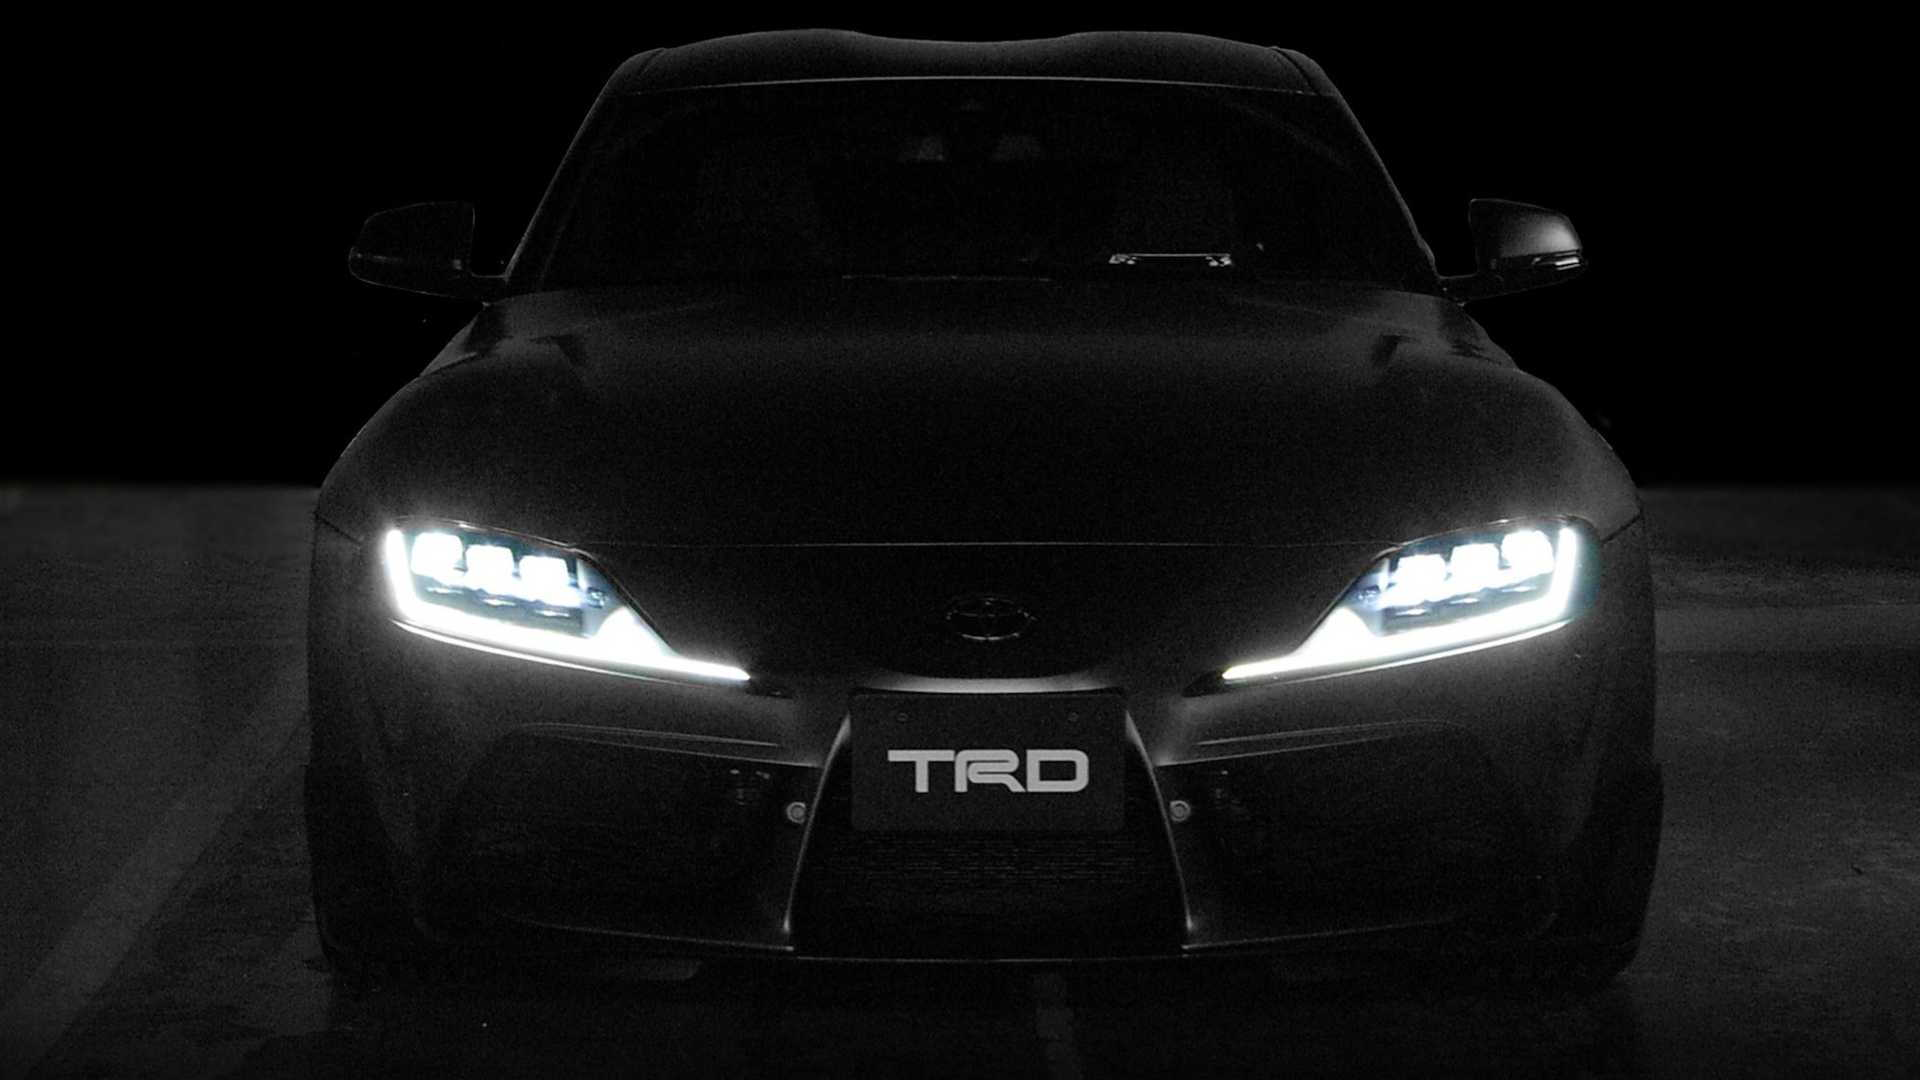 2020 Toyota Supra TRD concept